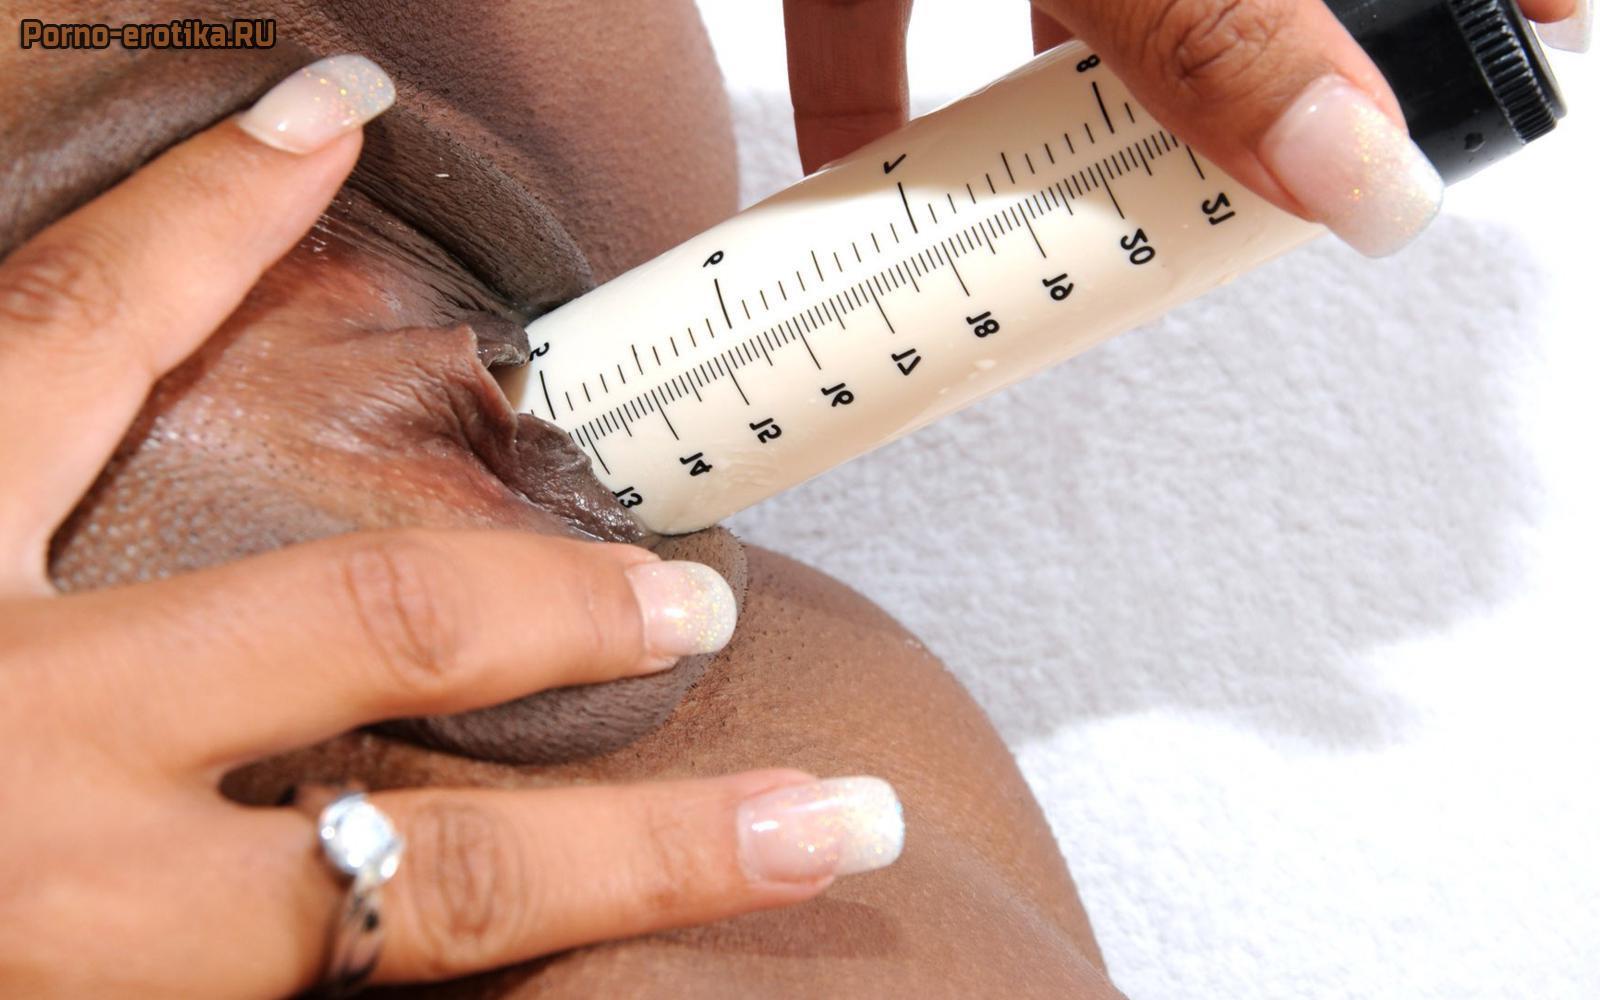 Порно измерений влагалища, большие порно фото по категориям